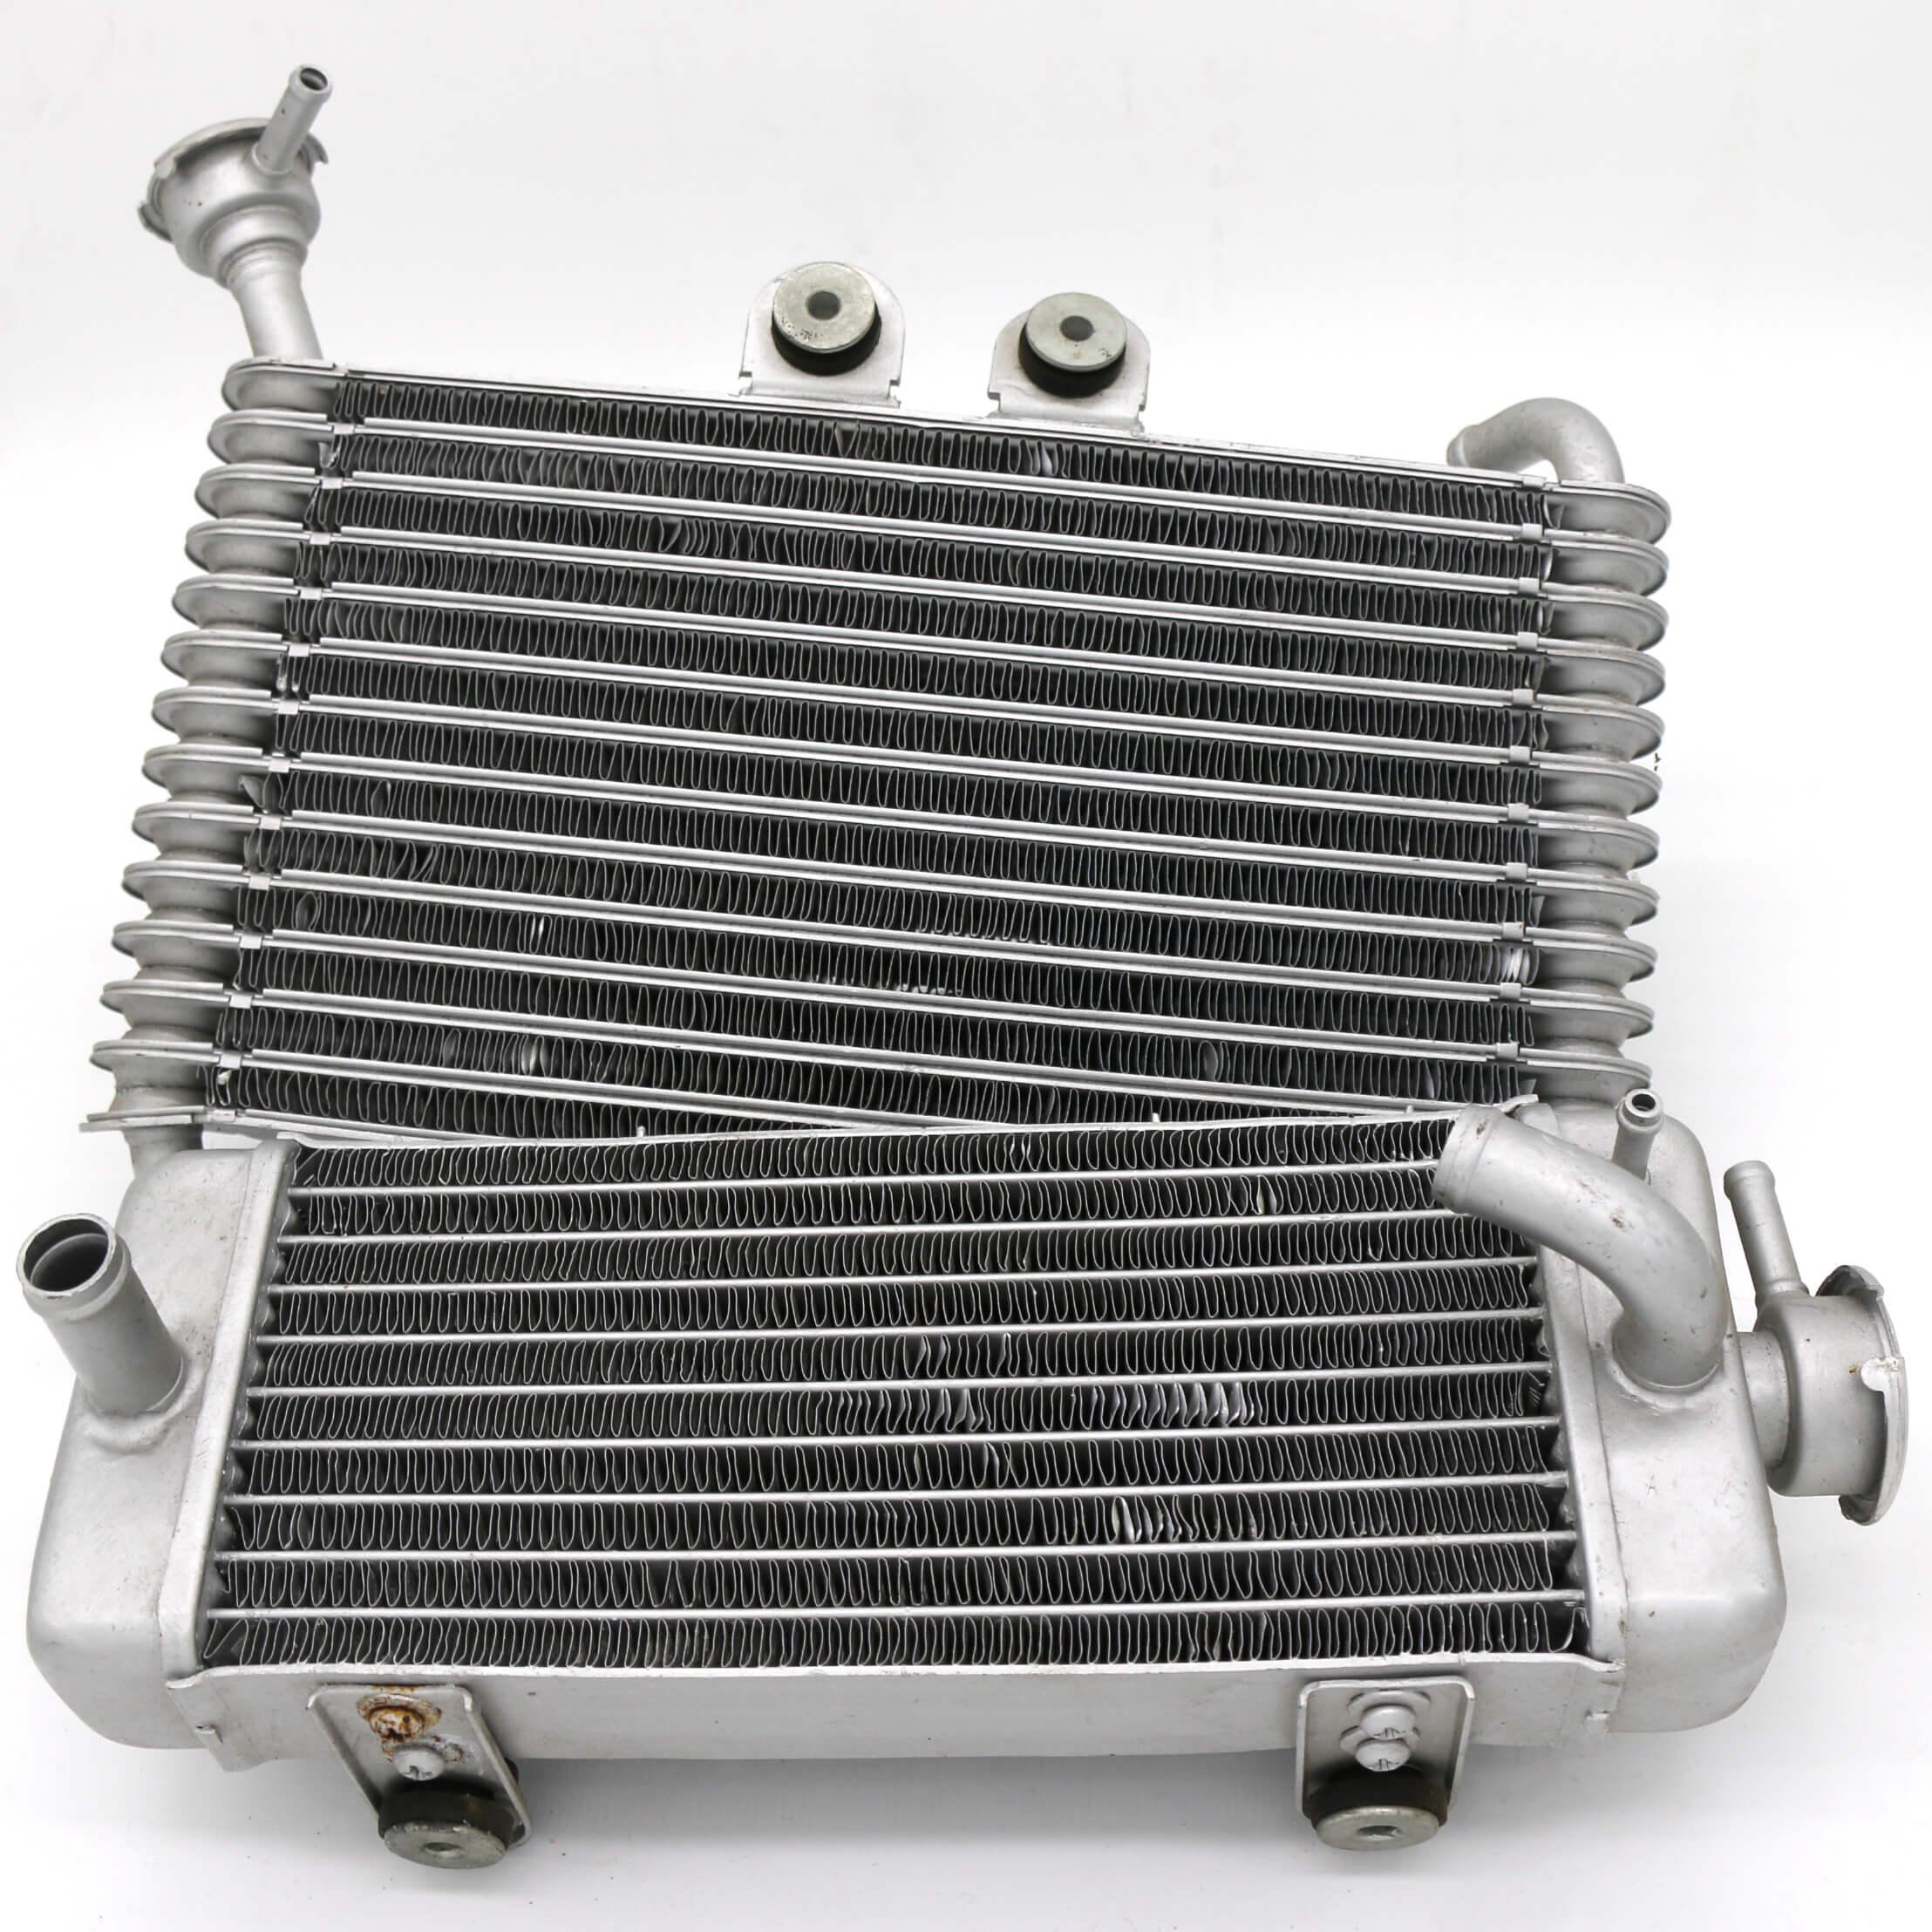 Radiator, aluminum, aluminium, brass, copper, and steel